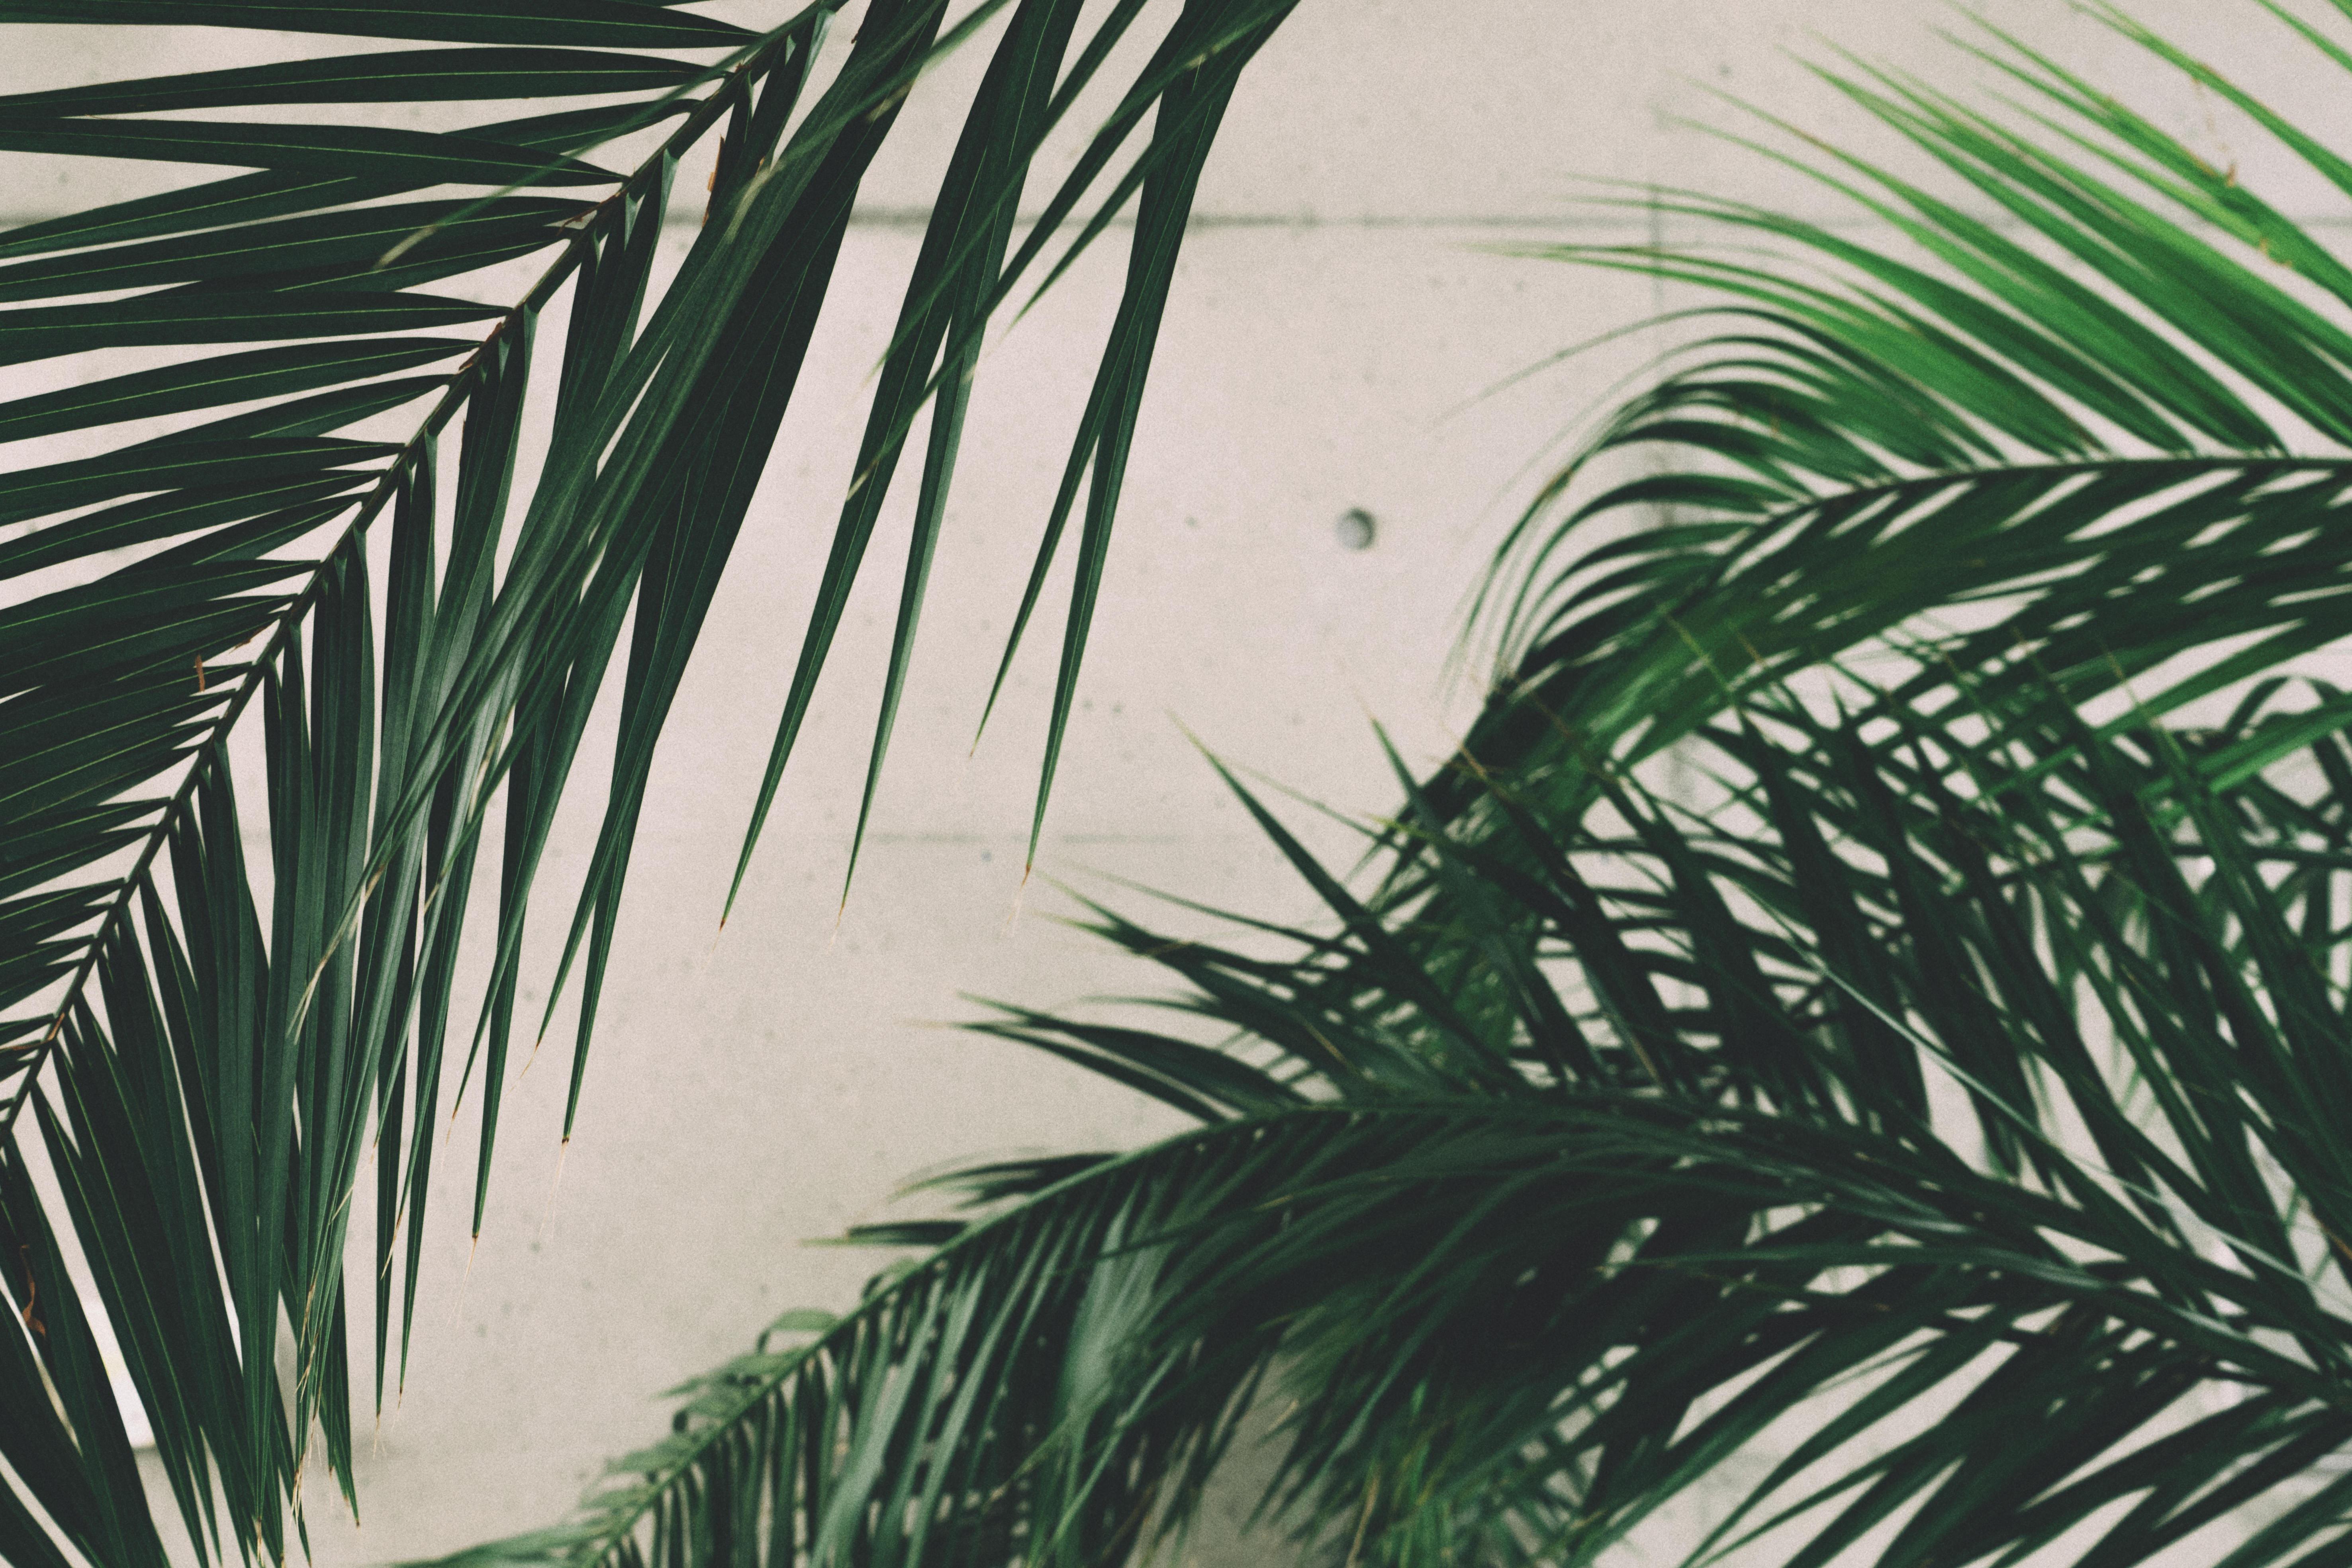 Palm Sunday - Image by Scott Webb